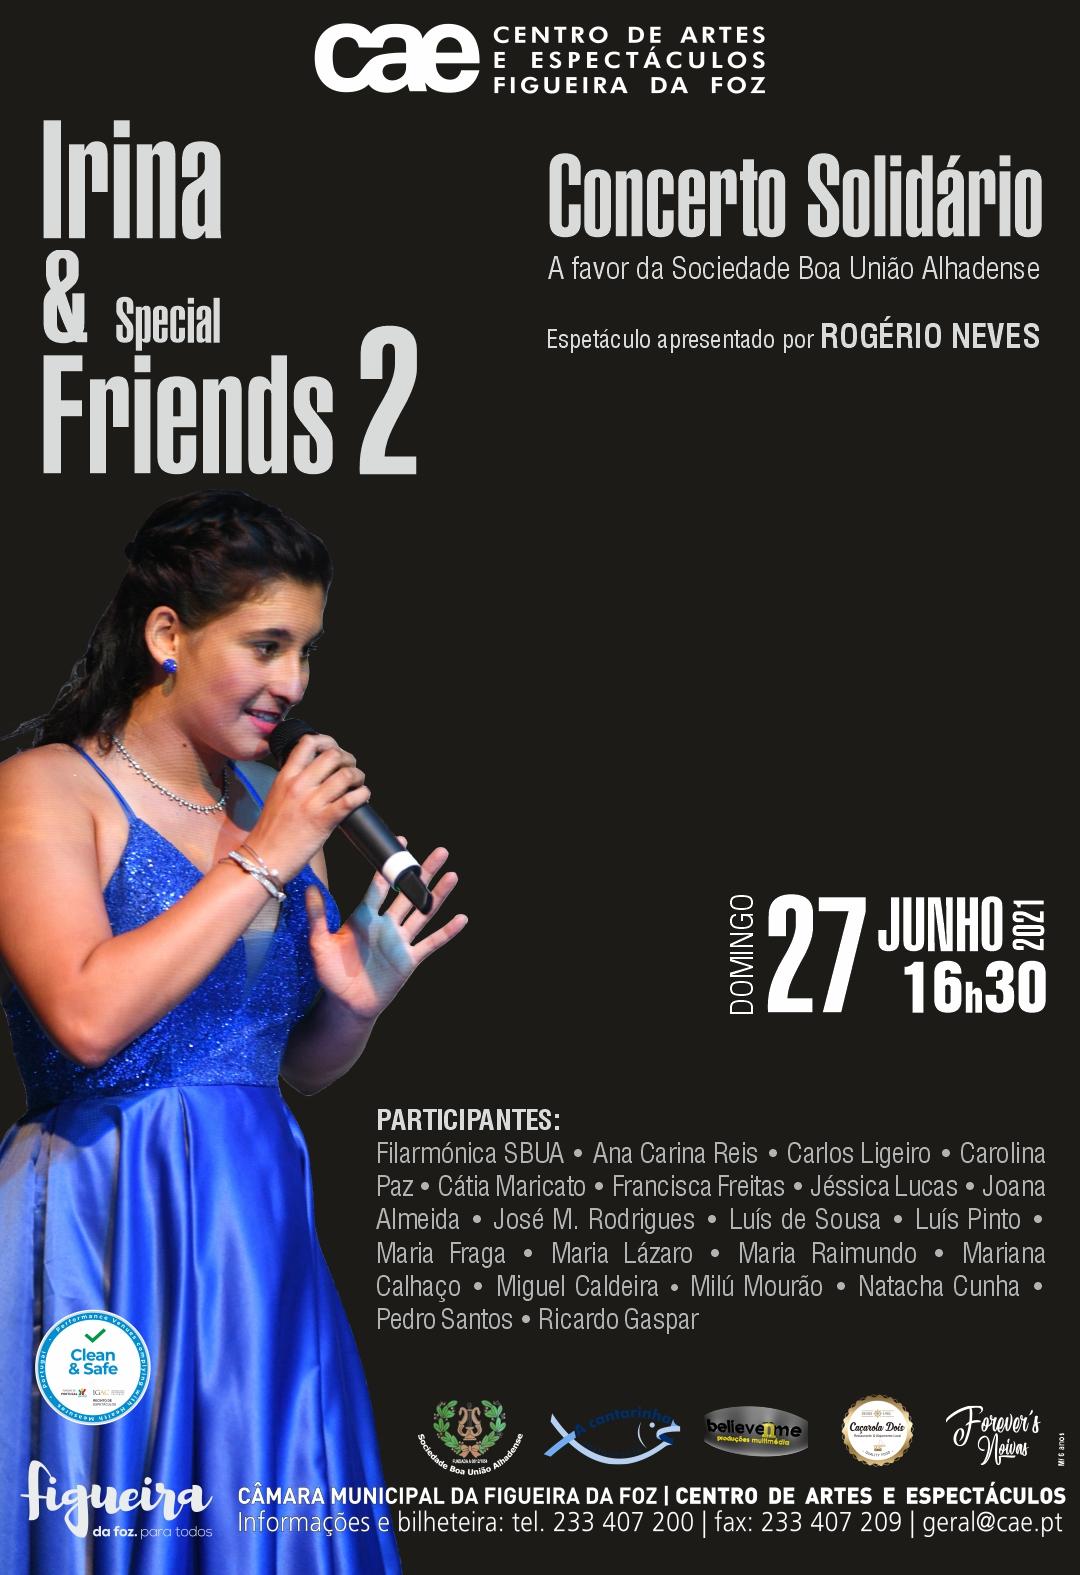 IRINA LOPES & SPECIAL FRIENDS 2 - CONCERTO SOLIDÁRIO